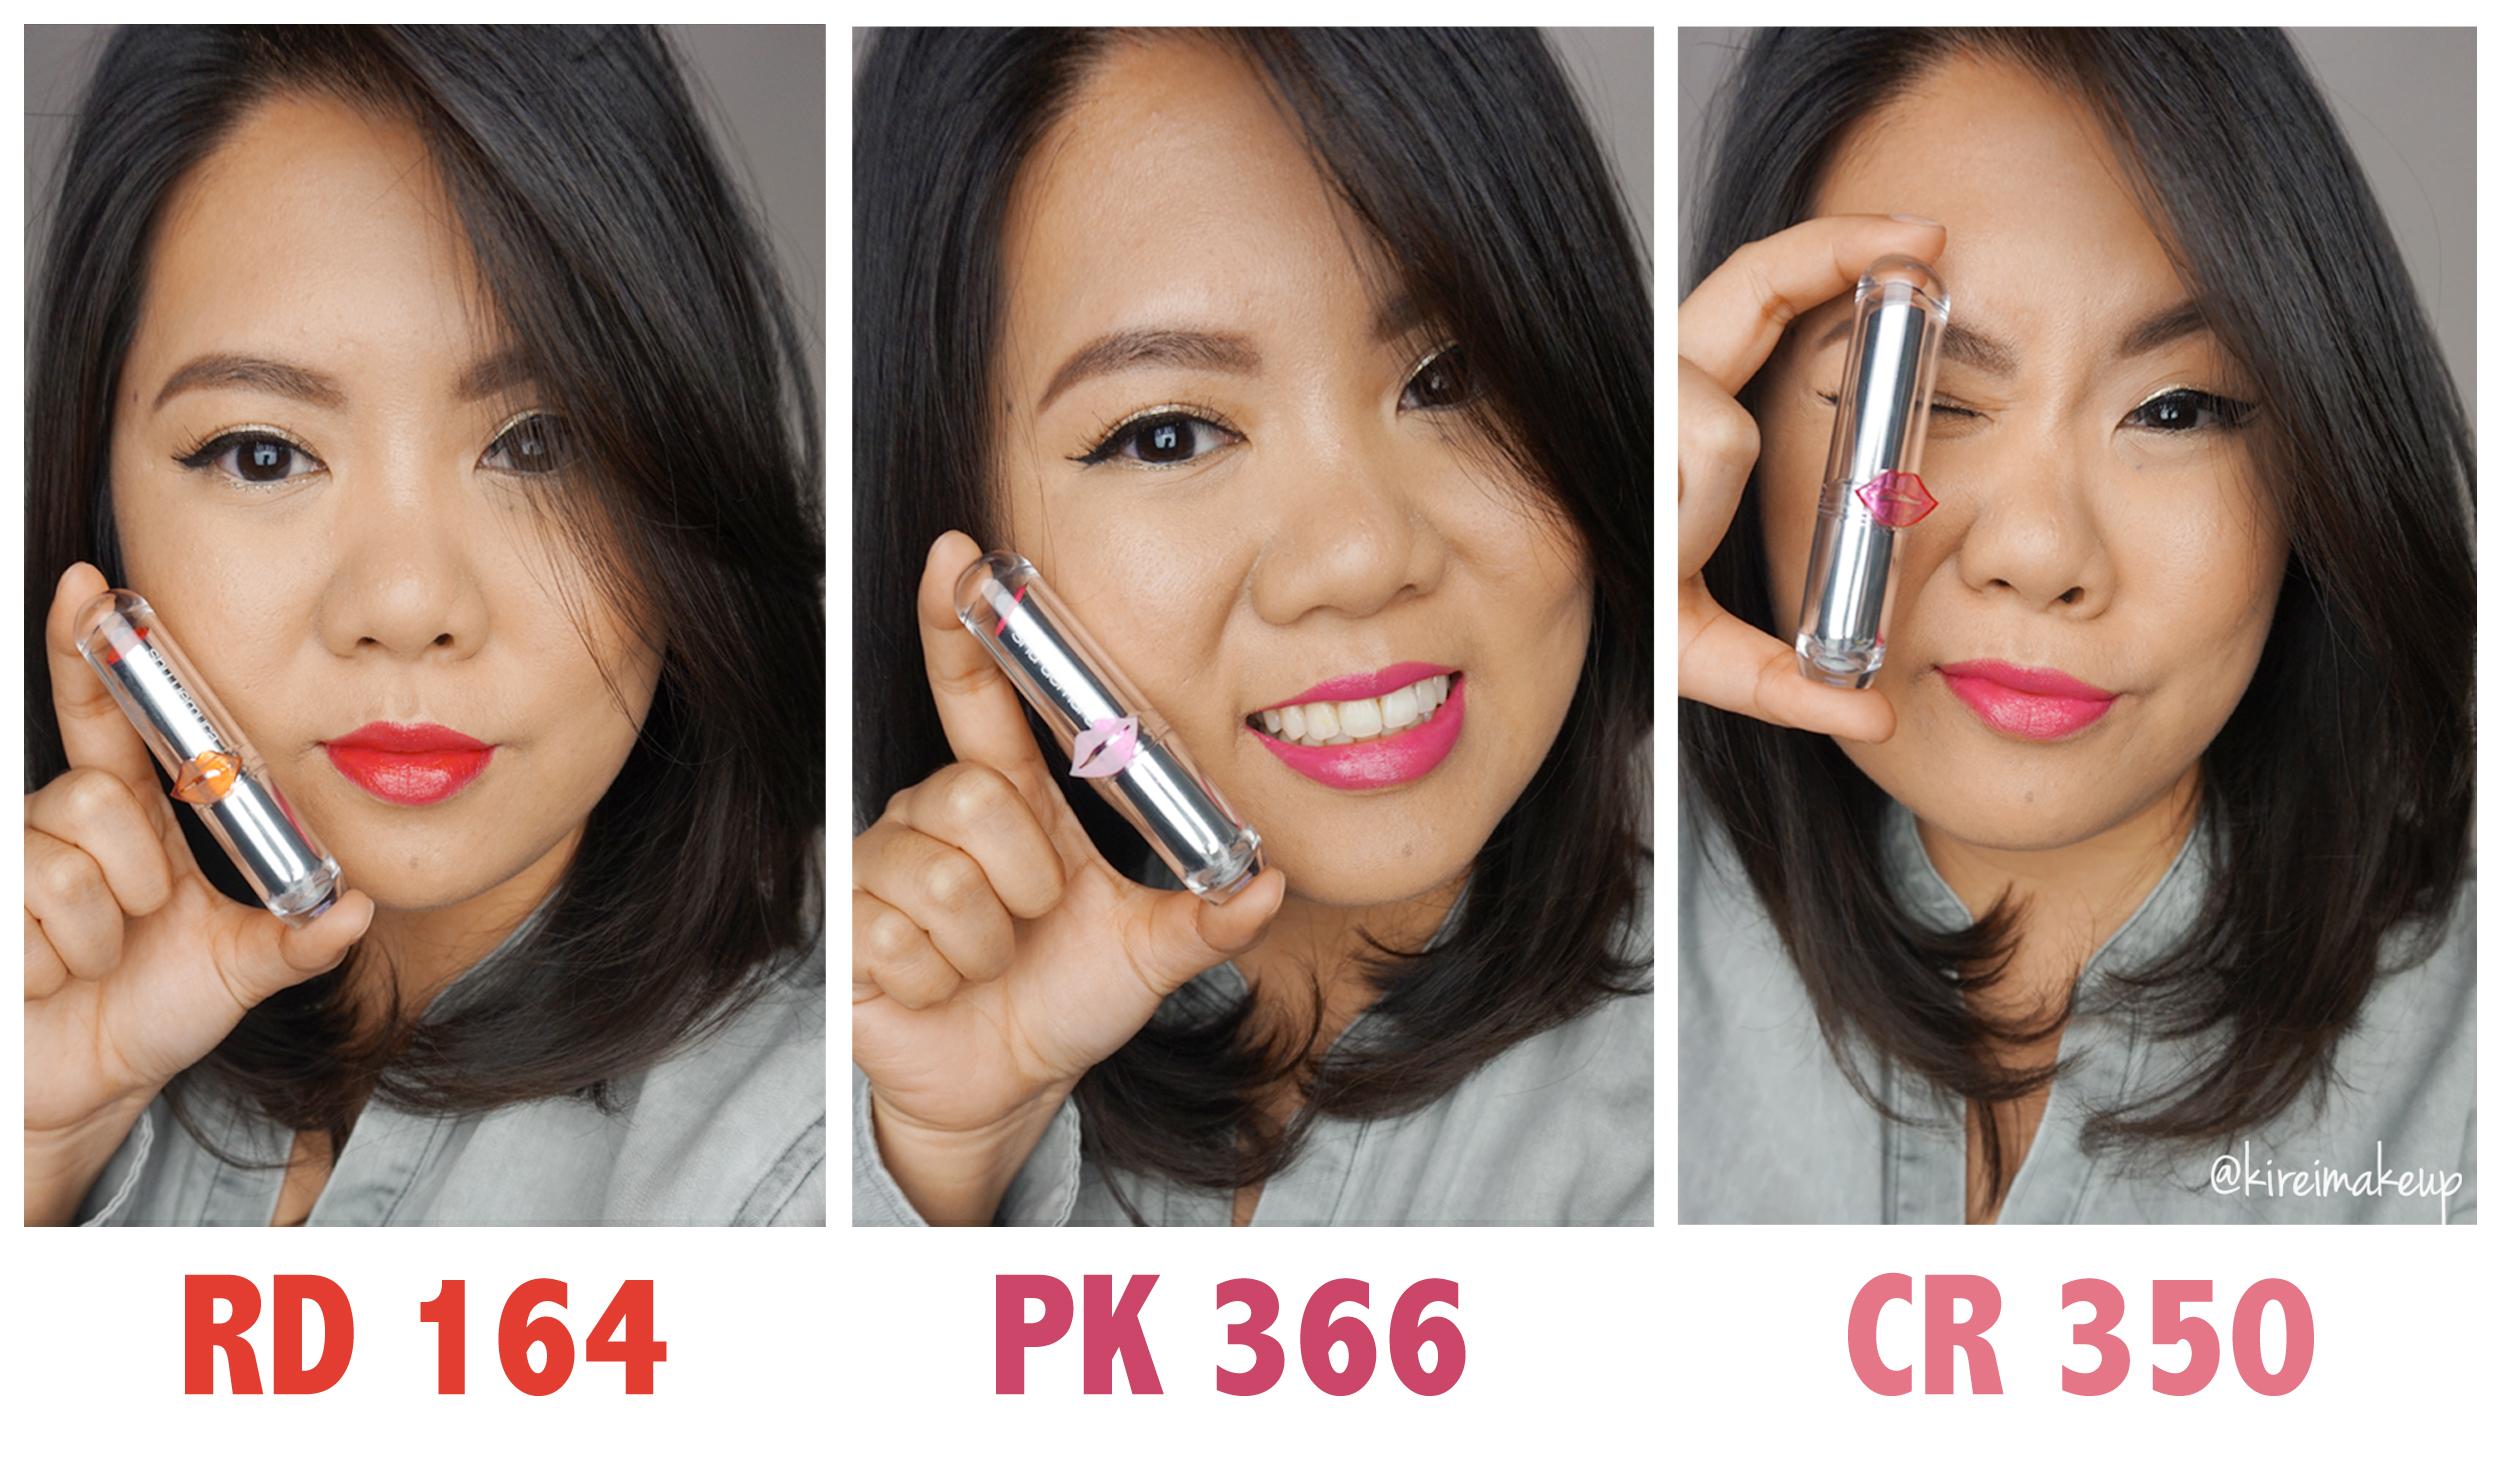 Shu Uemura Sheer Shine lipsticks